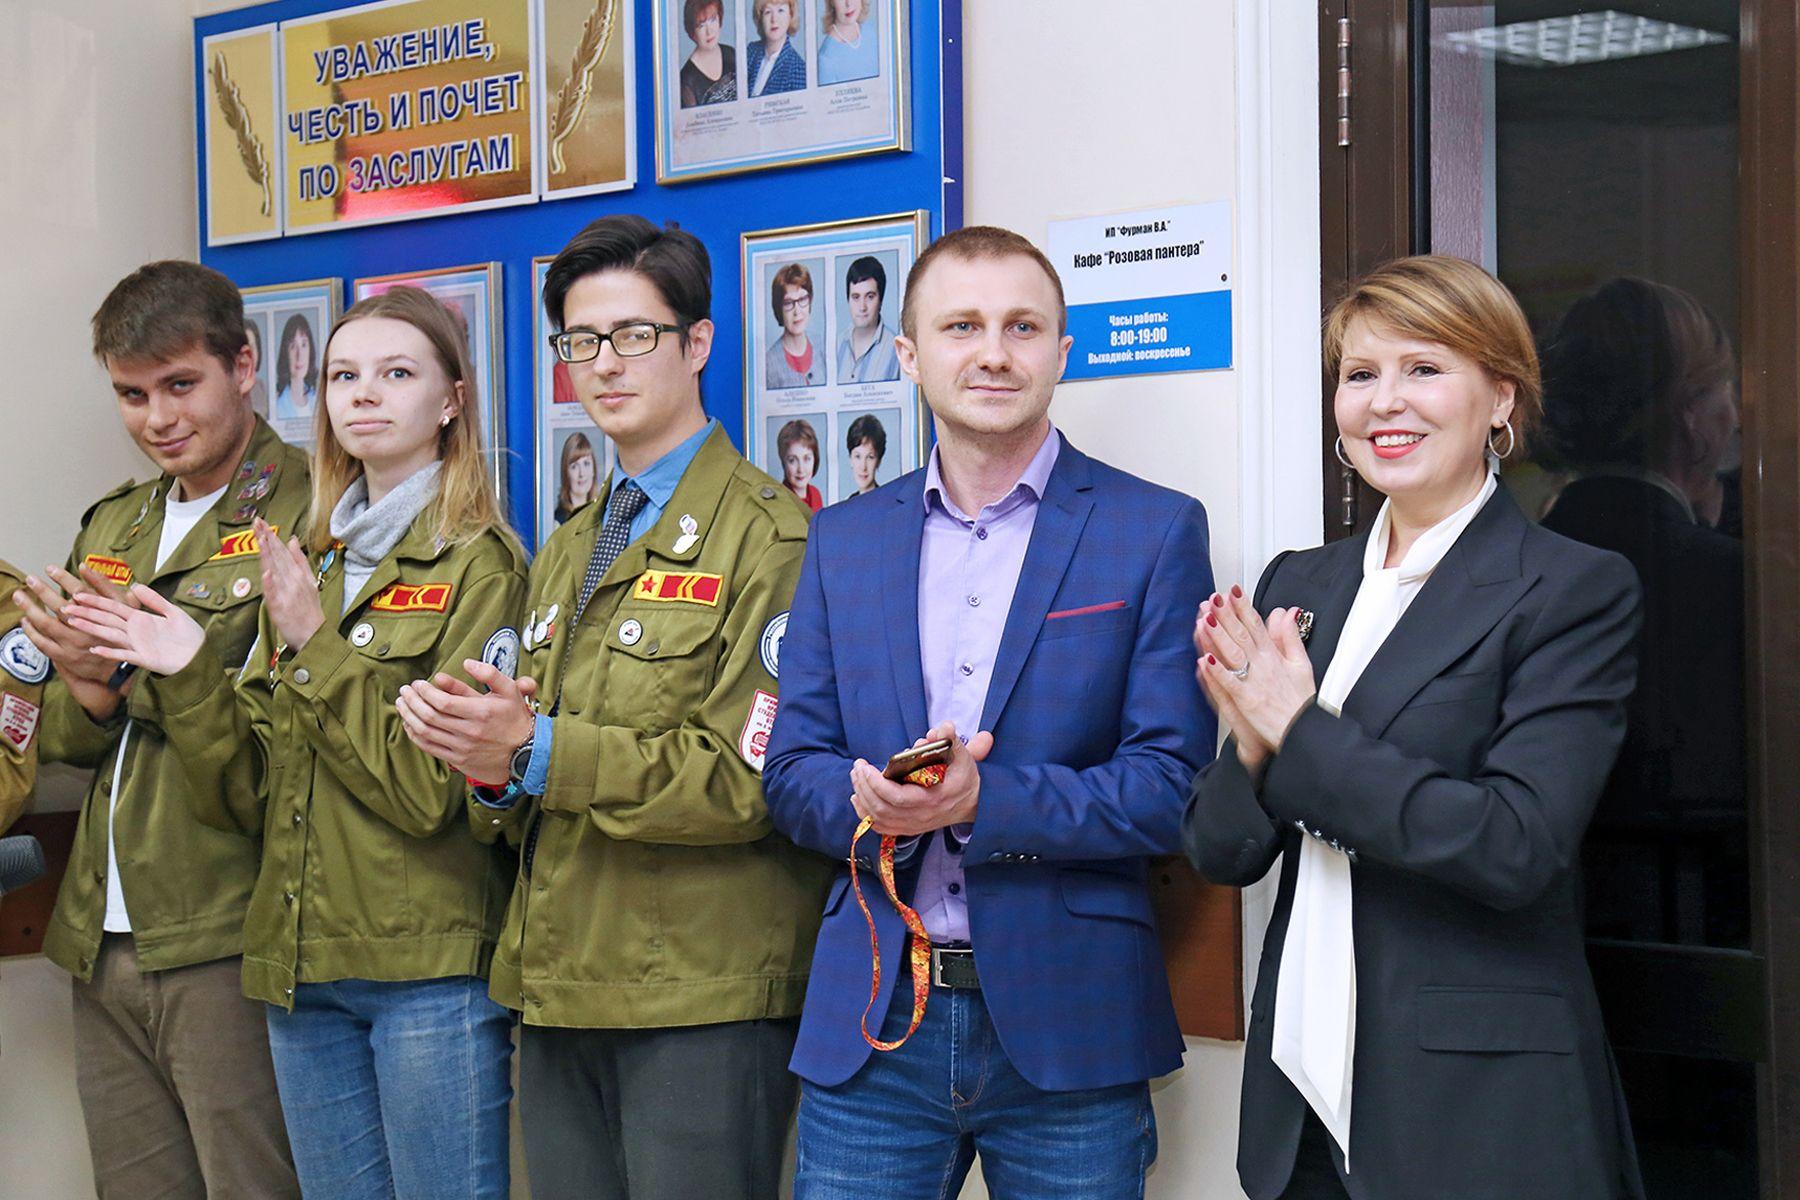 У Штаба студенческих отрядов появился собственный «дом» во ВГУЭС